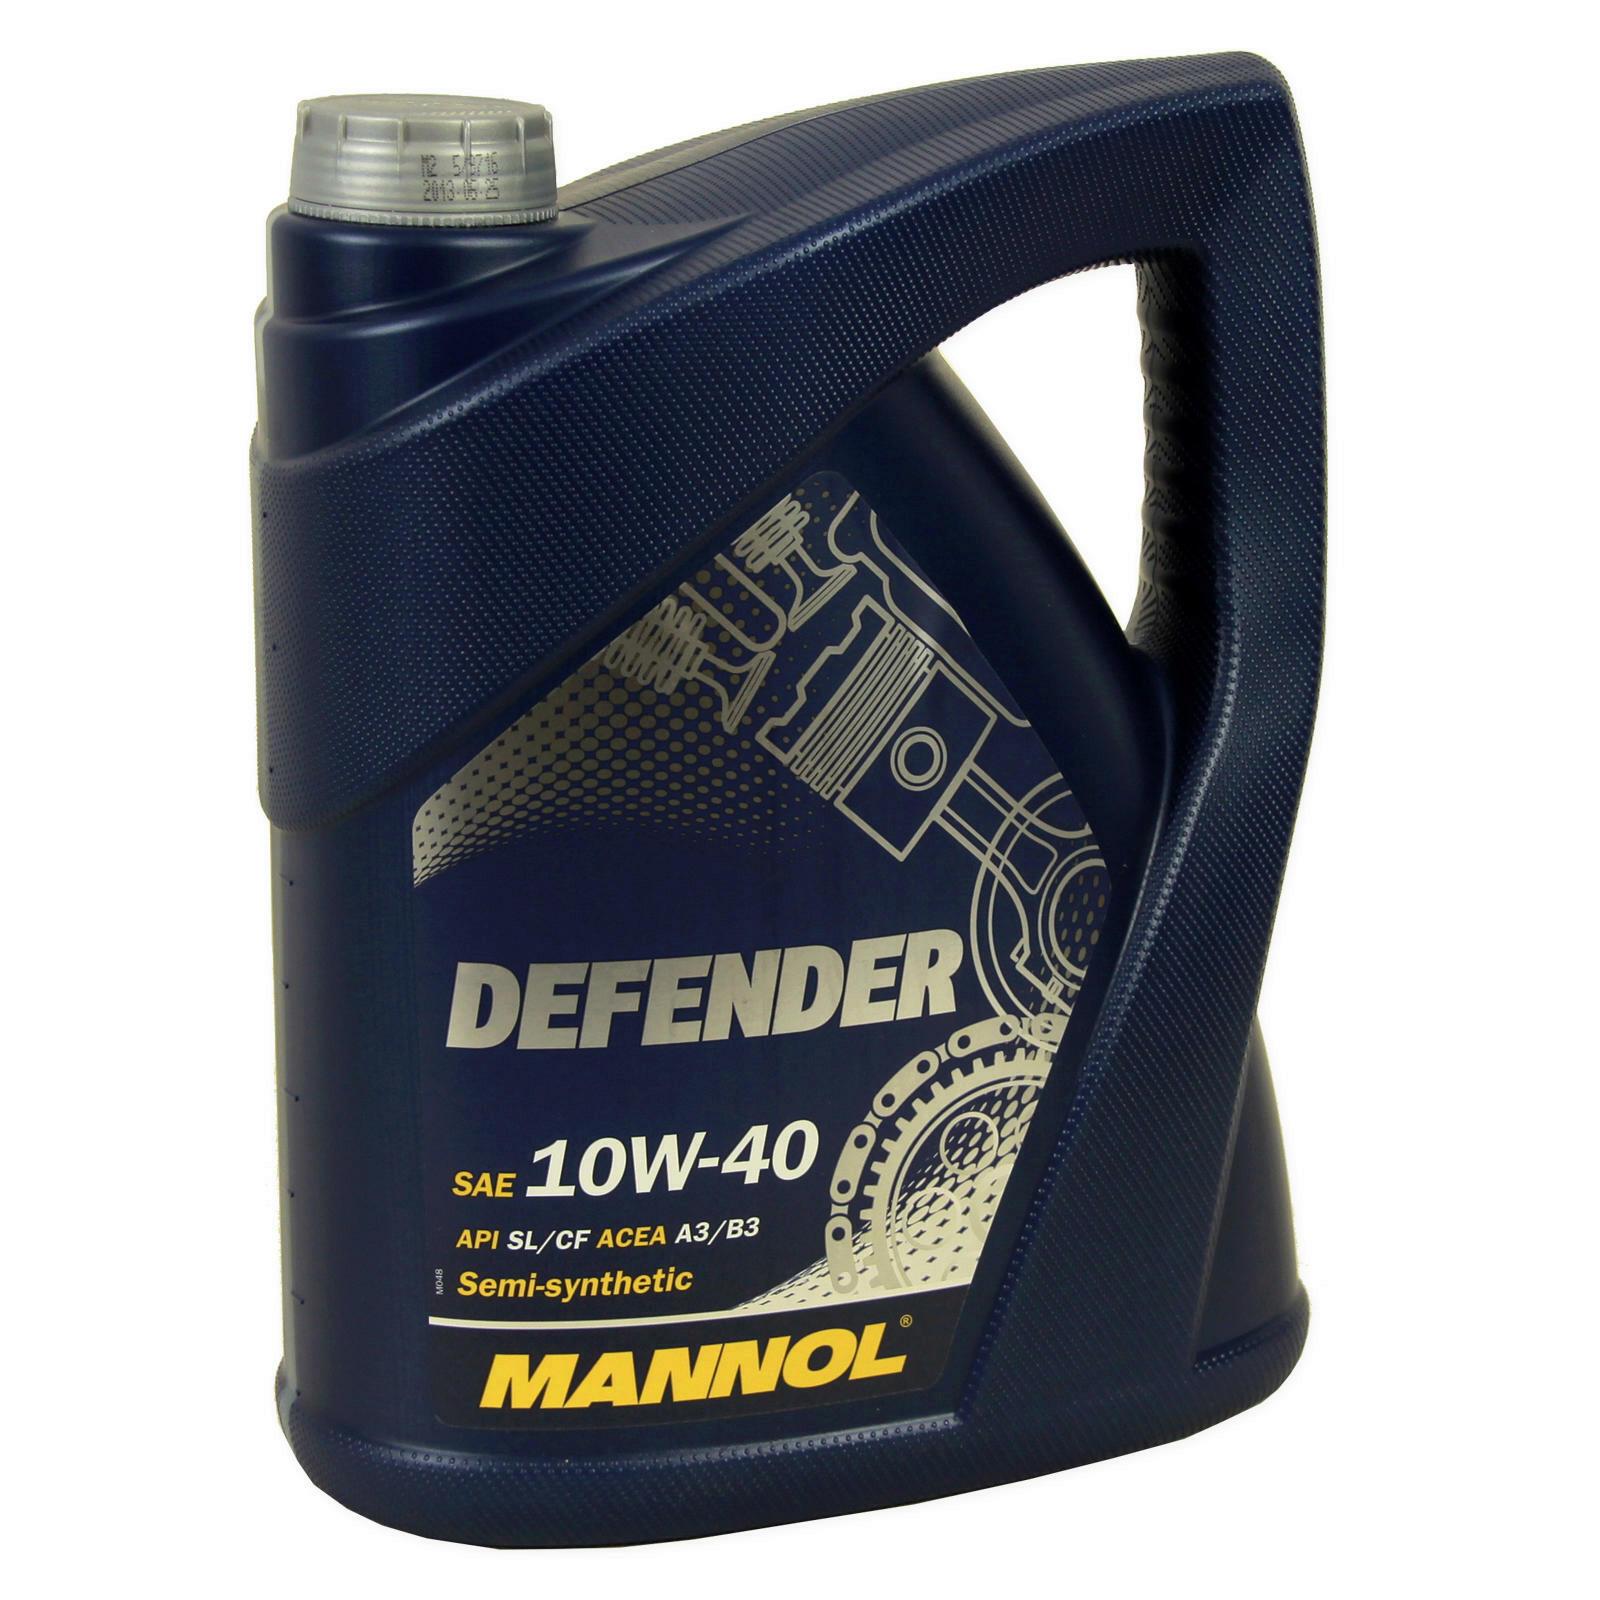 motor l mannol defender 10w 40 5l mn7507 5 xy356886 12. Black Bedroom Furniture Sets. Home Design Ideas